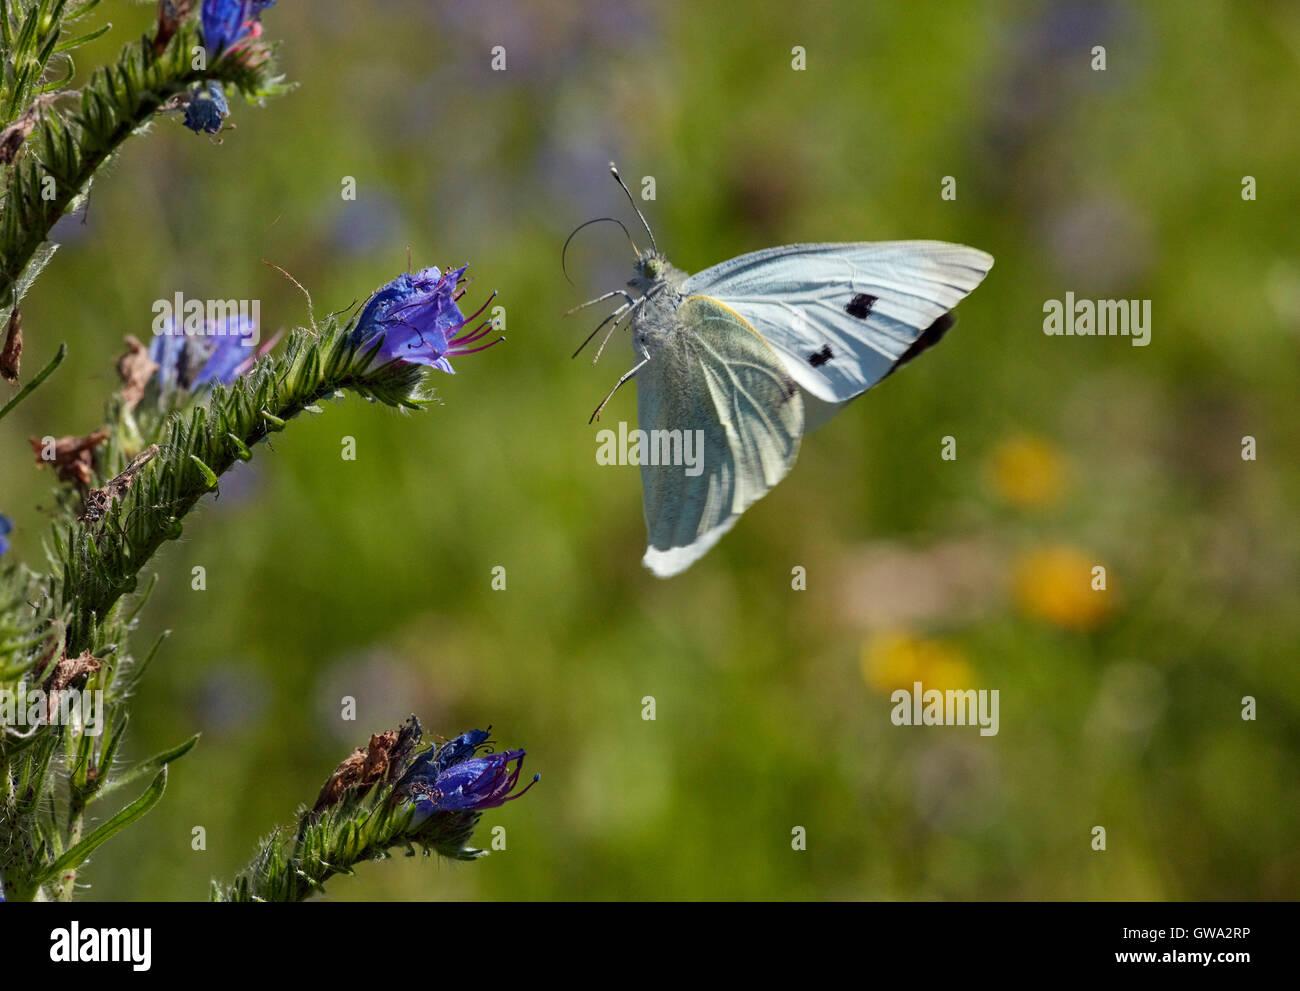 Large White butterfly decolla da Viper Bugloss del fiore. Immagini Stock